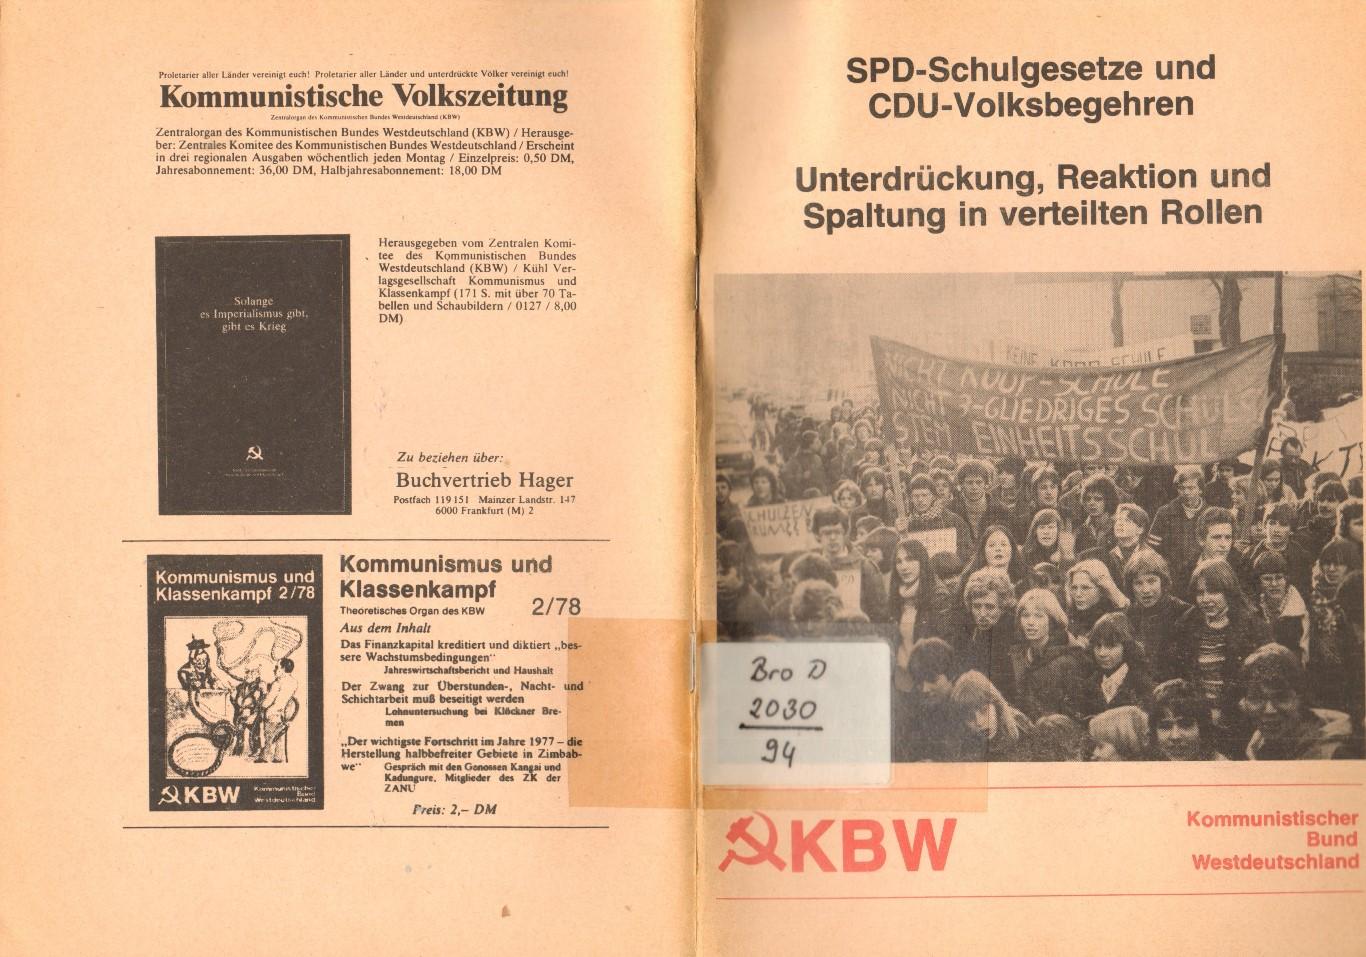 NRW_KBW_1978_SPD_Schulgesetze_01